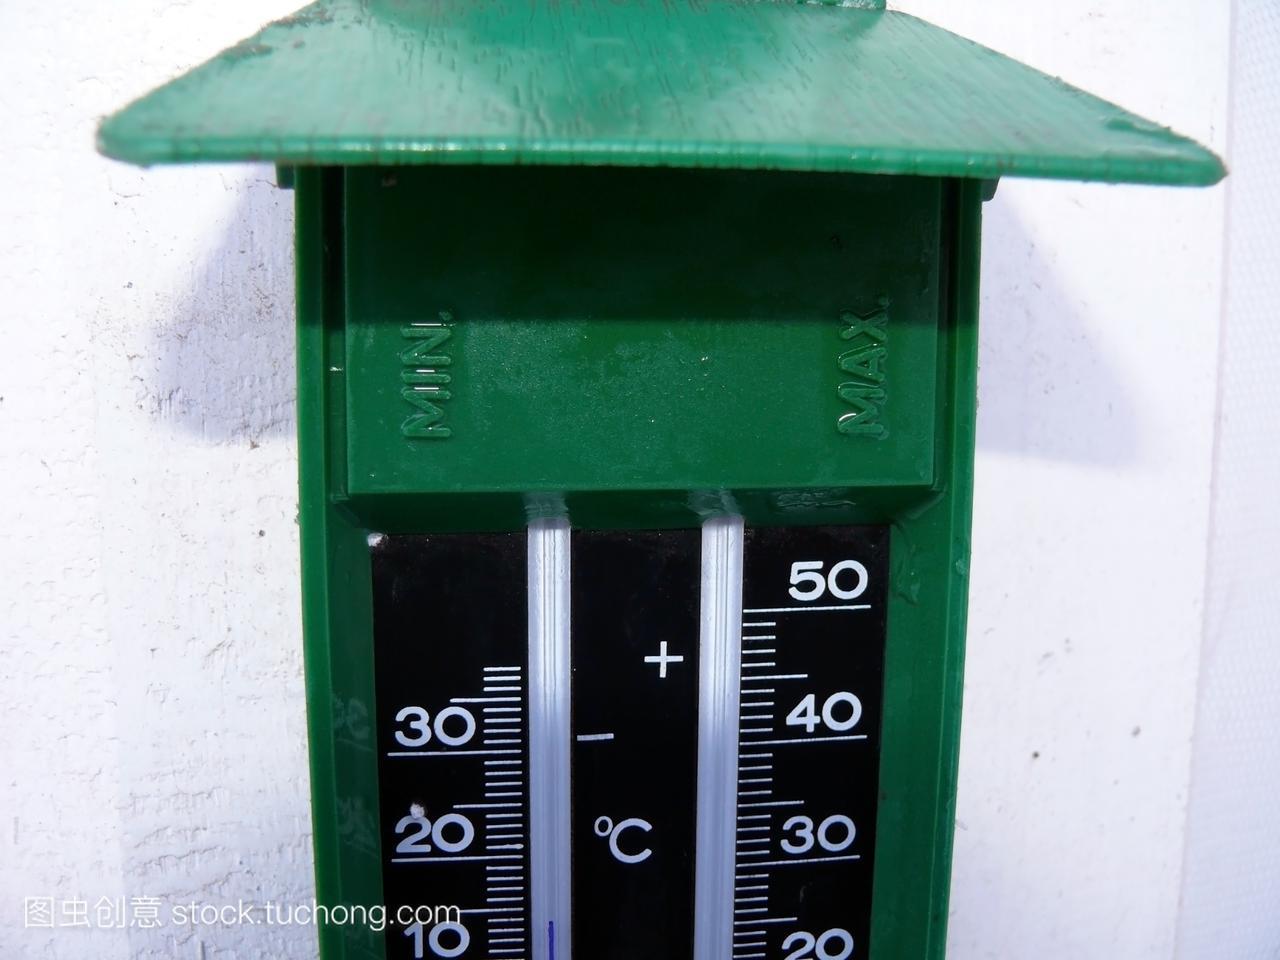 象征性,比拟,图纸,比例尺,数据,温度计,陈列,比较fm5.4曲线图片